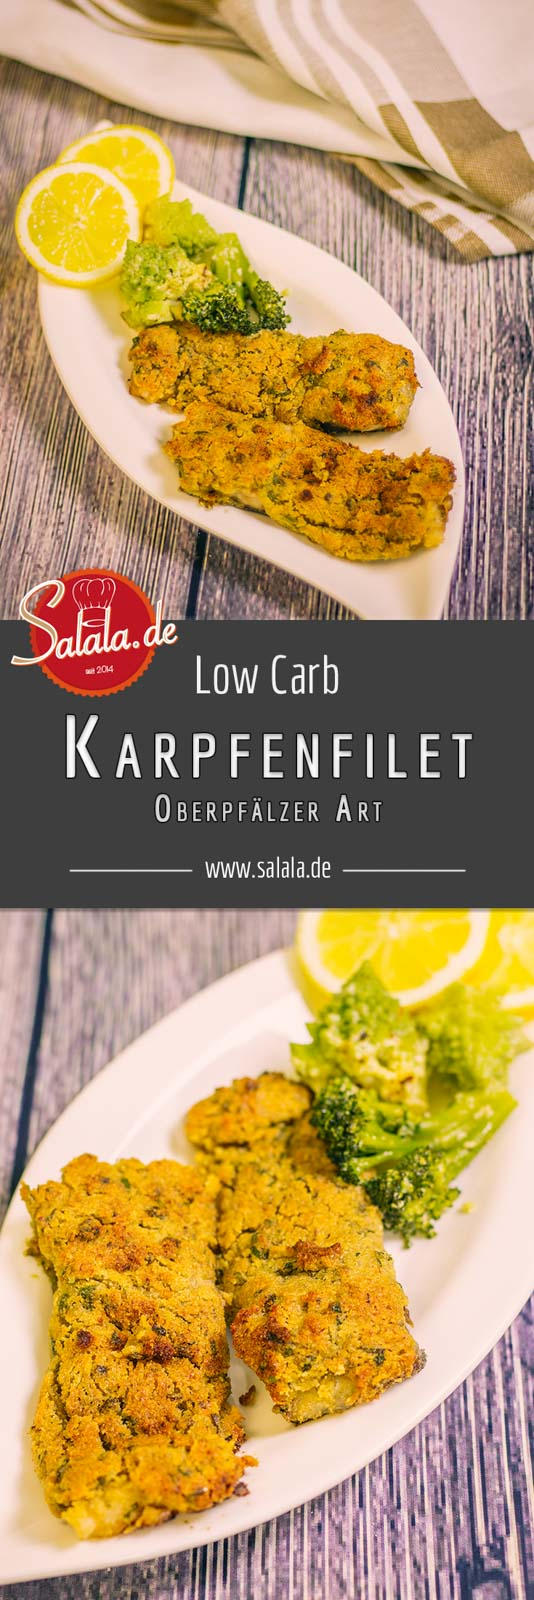 Oberpfälzer Karpfenfilet Rezept Low Carb Fisch Rezept mit knuspriger Panade und Meerrettich